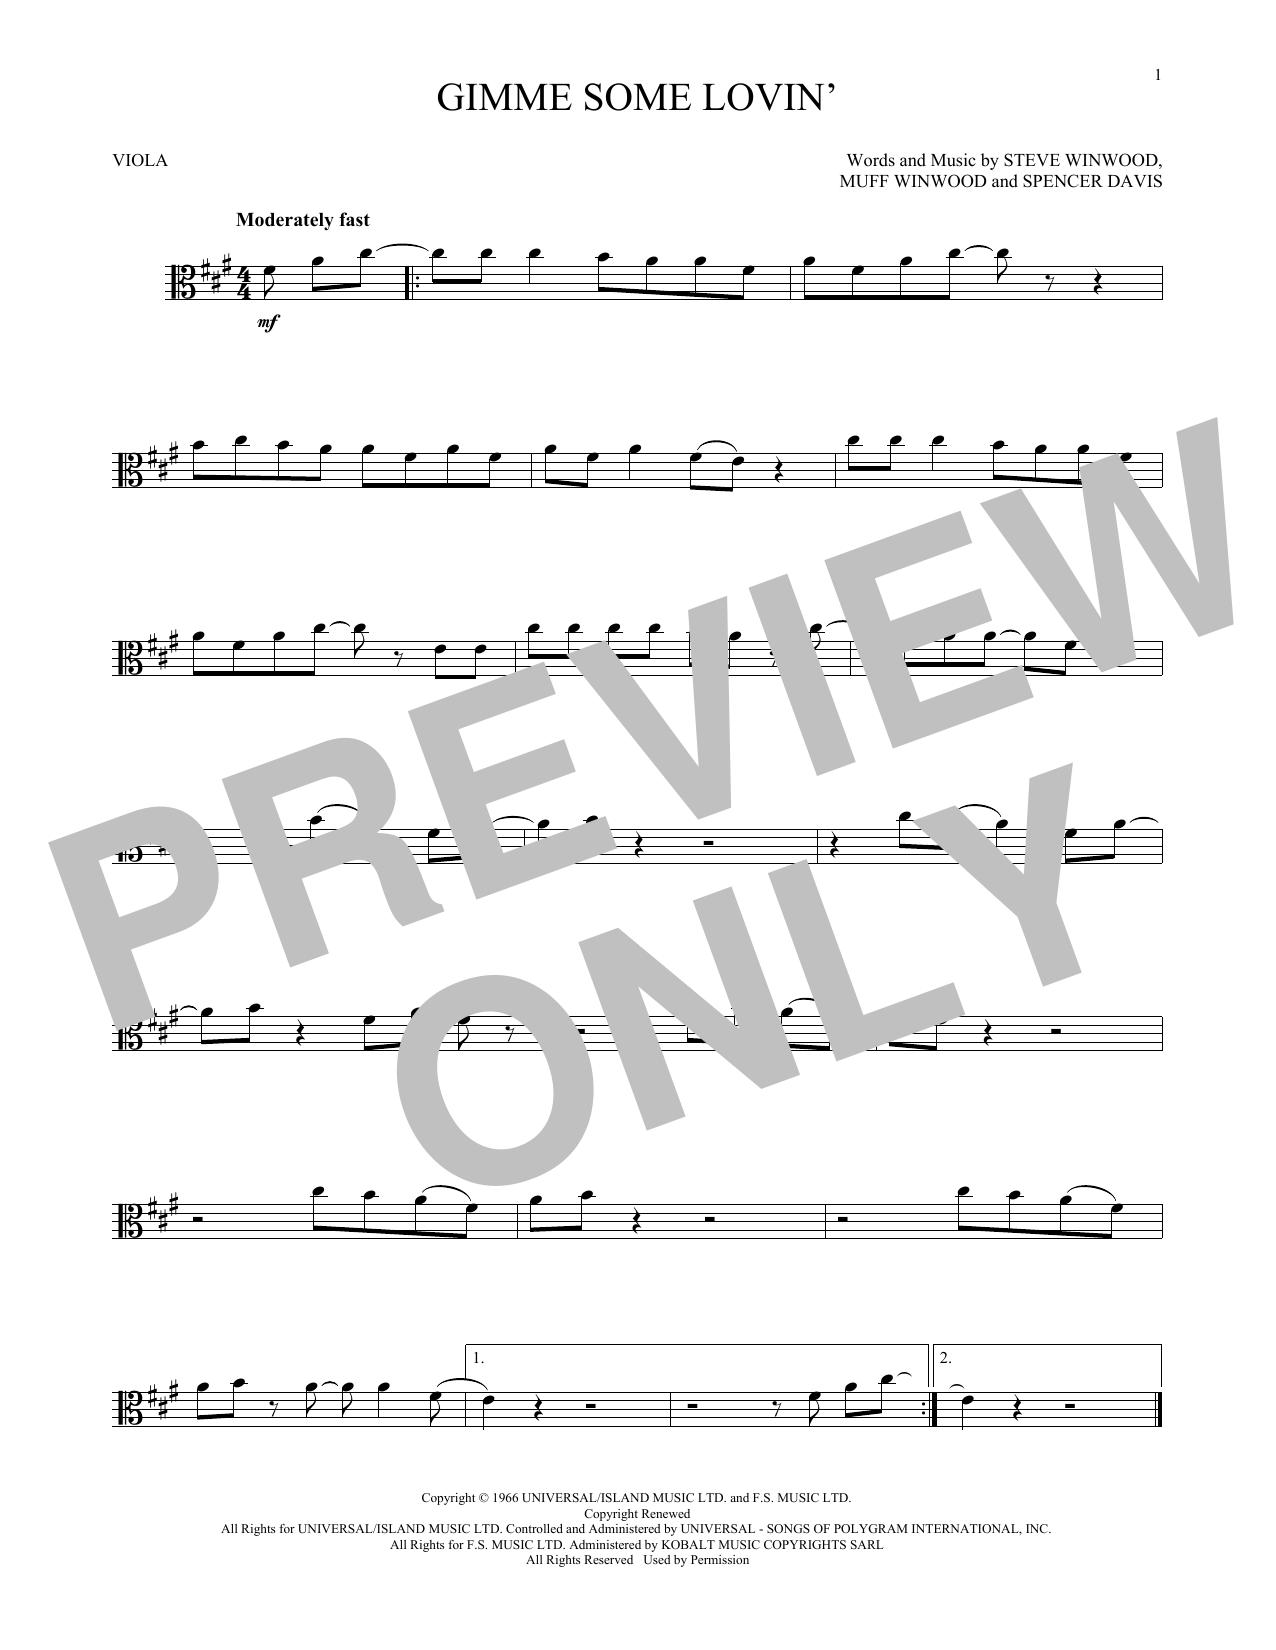 Gimme Some Lovin' (Viola Solo)